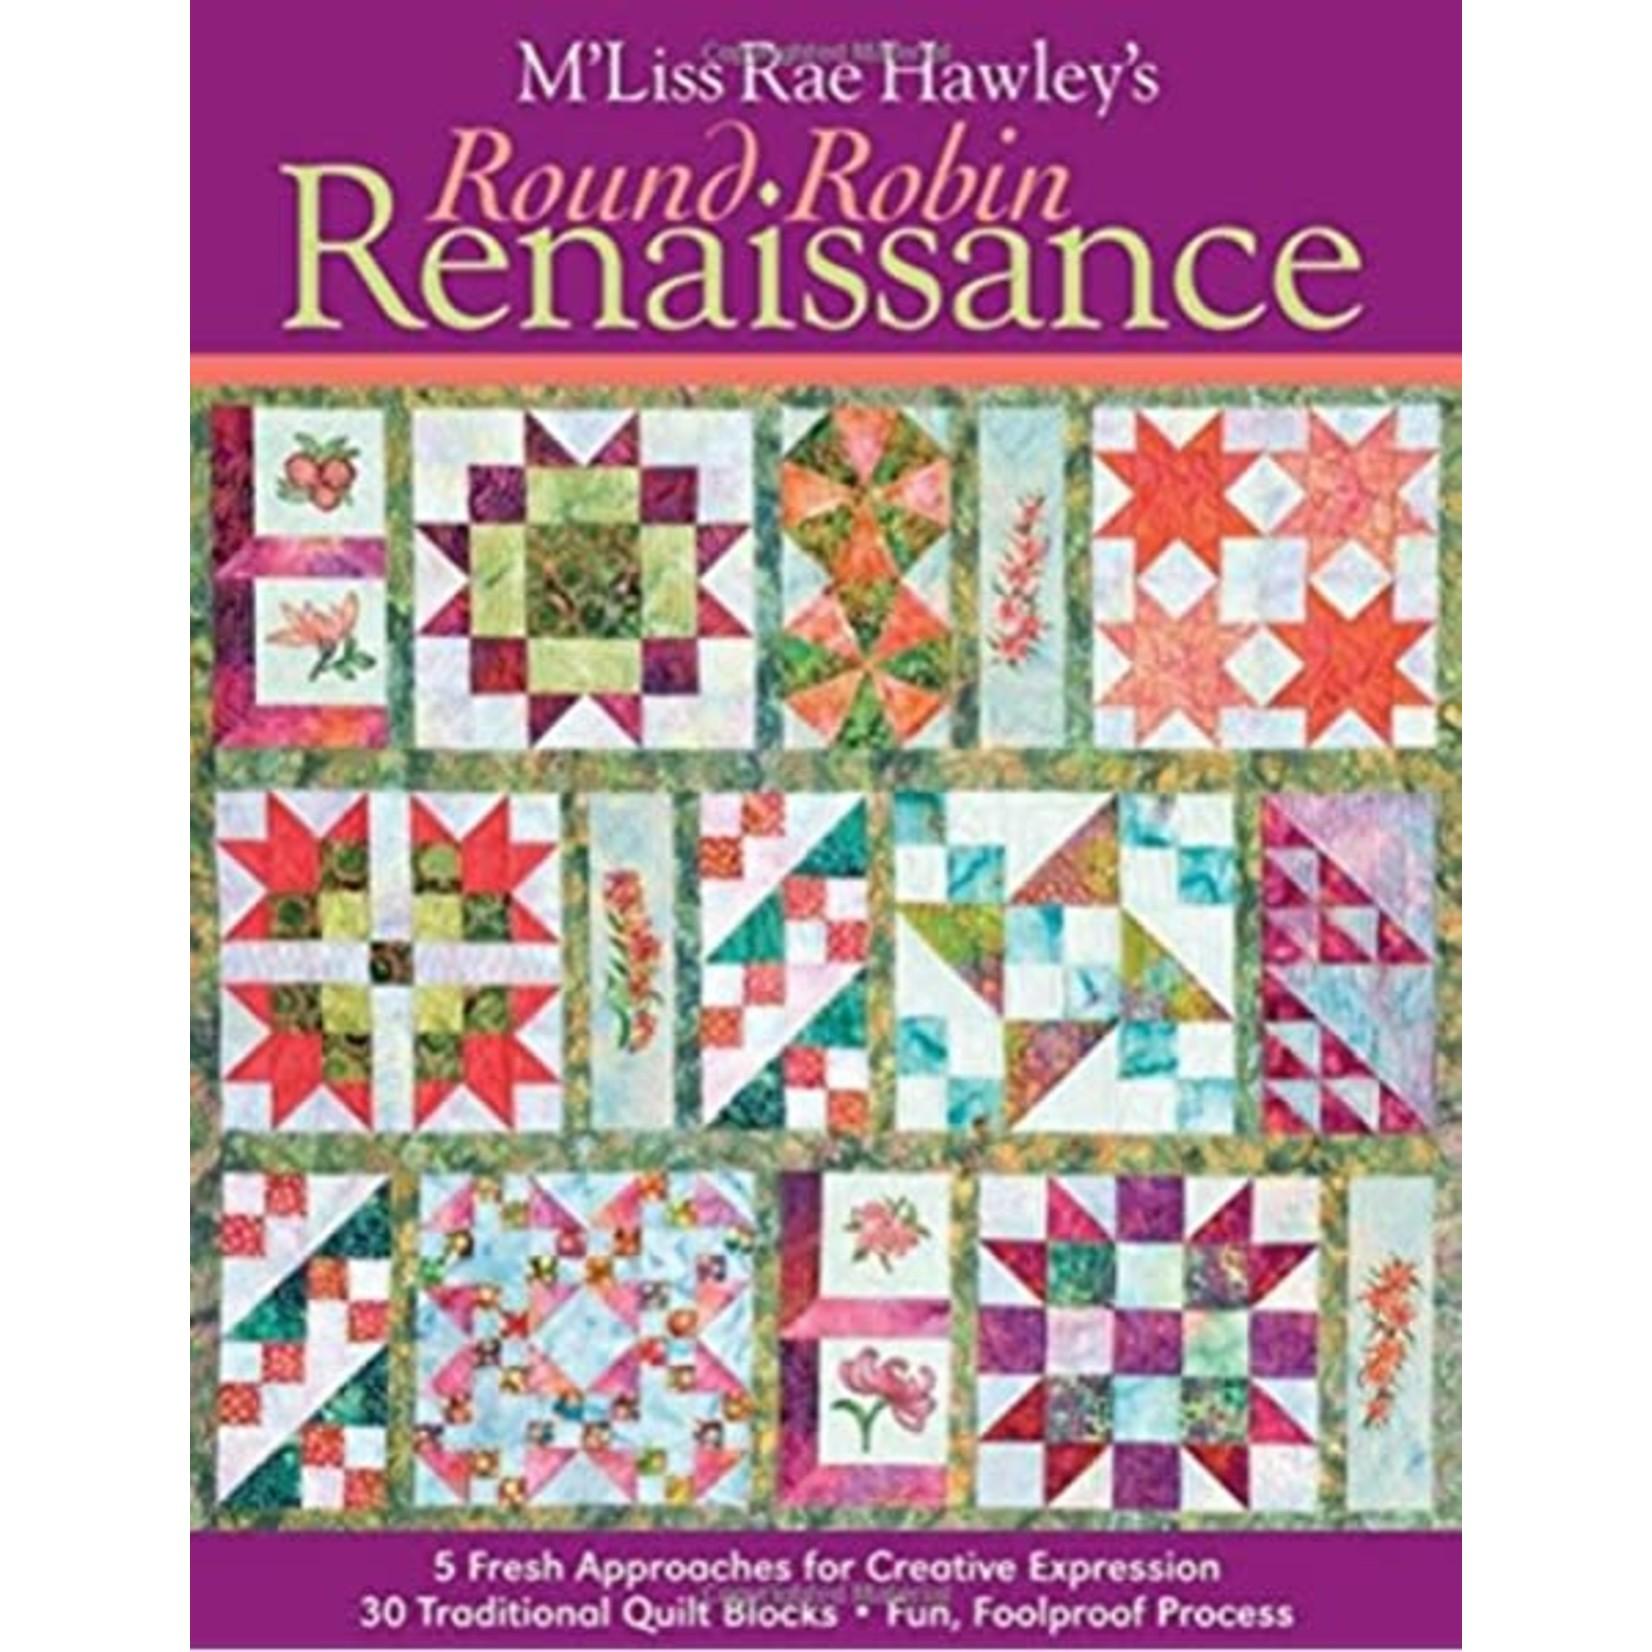 ROUND RENAISSANCE BOOK